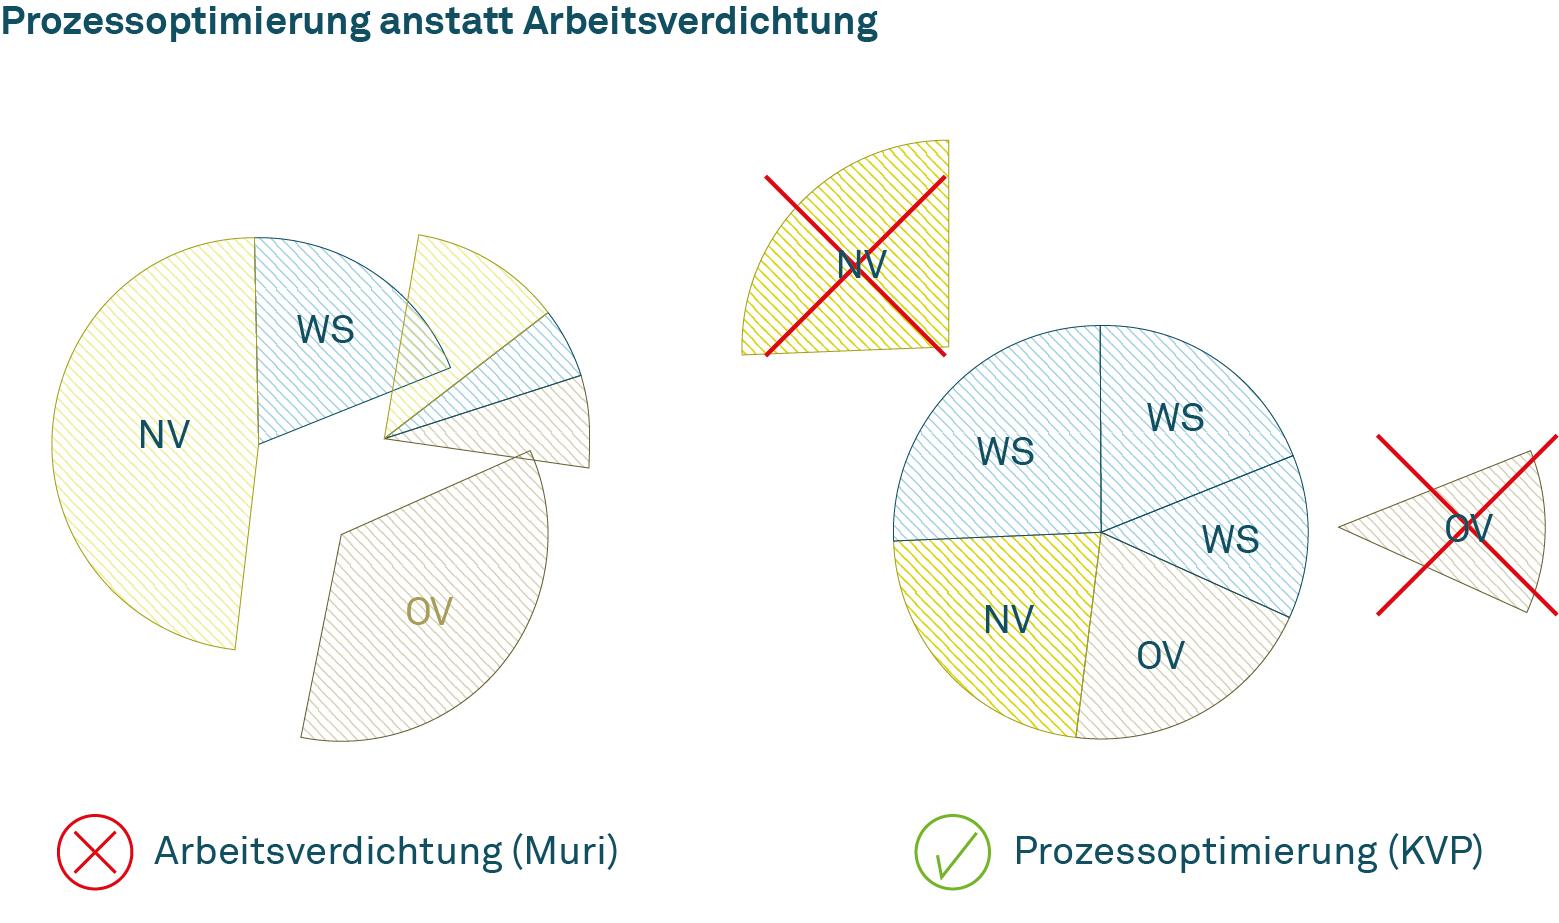 (WS: Wertschöpfung; OV: offensichtliche Verschwendung; NV: notwendige Verschwendung; KVP: Kontinuierlicher Verbesserungsprozess)